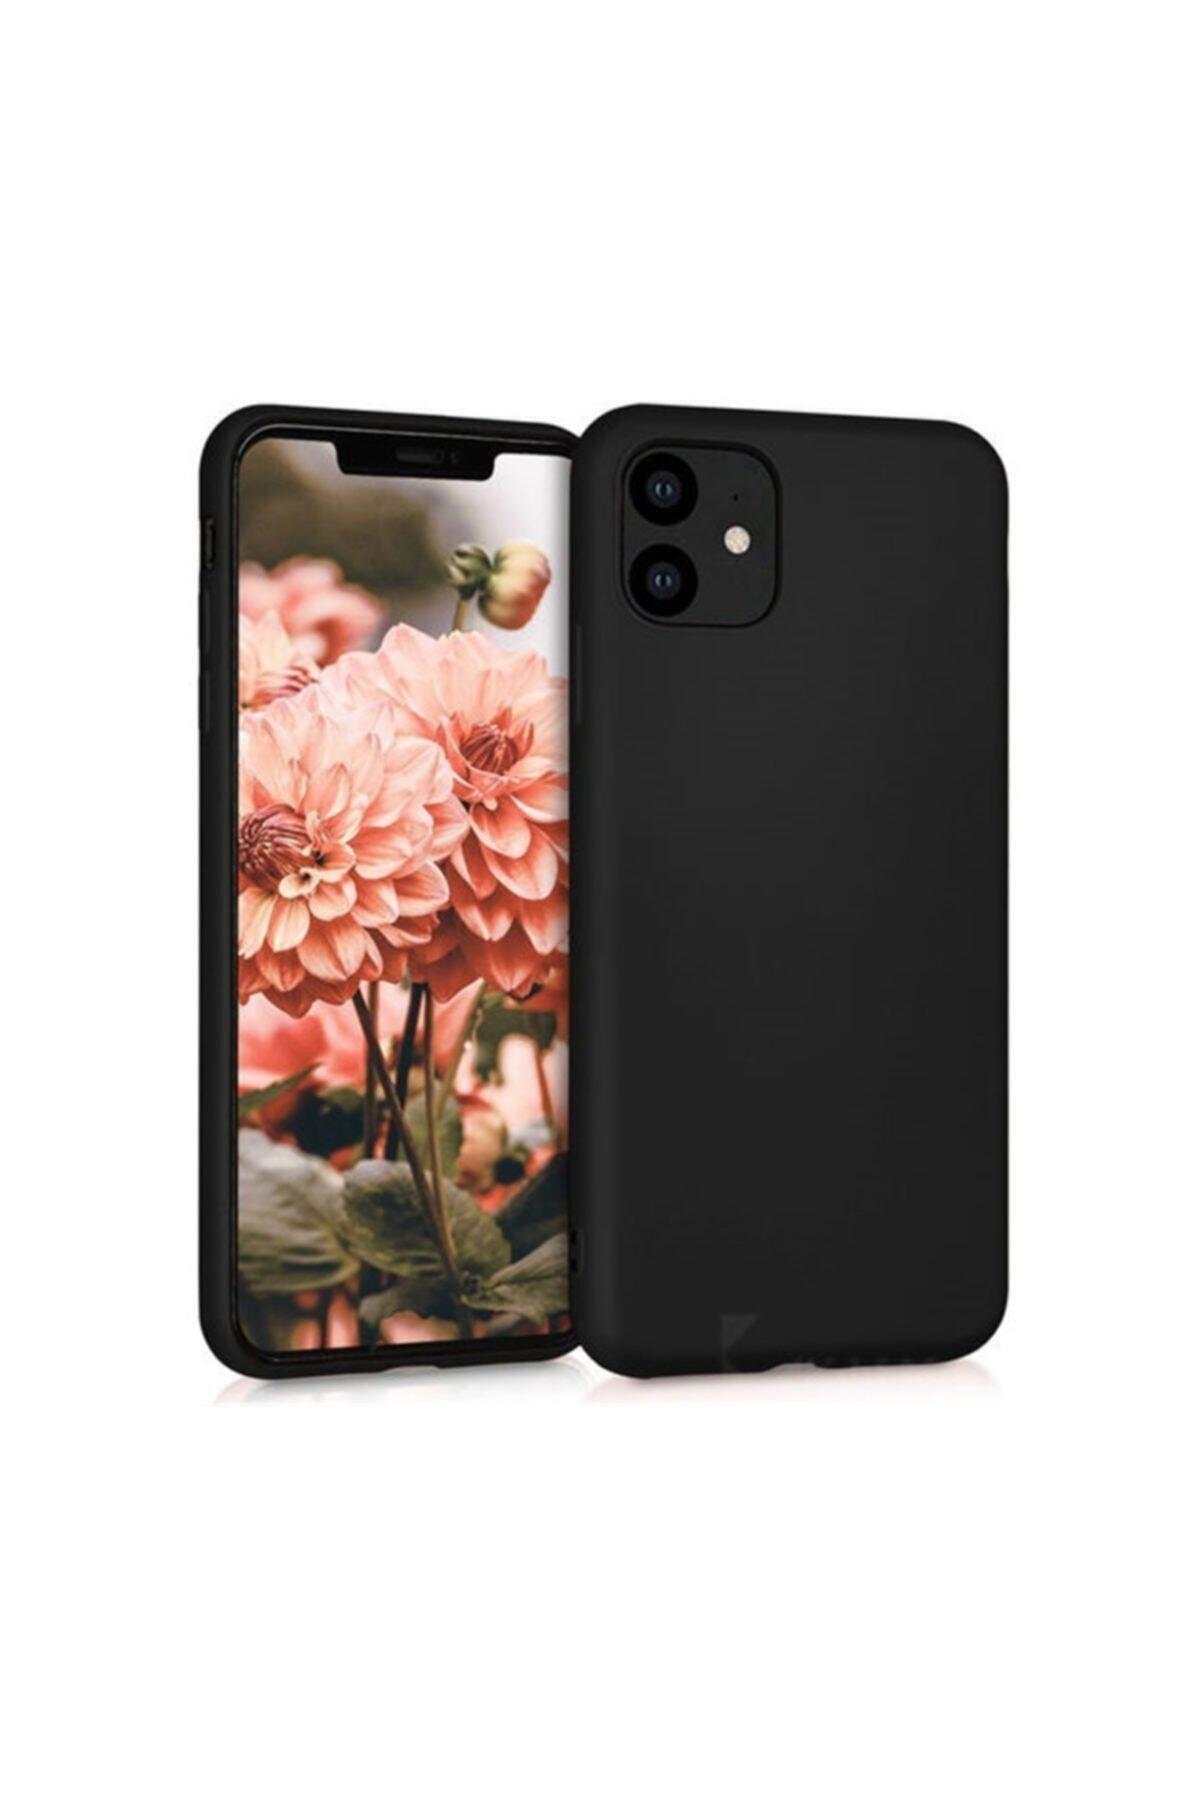 Zengin Çarşım Iphone 11 Yumuşak Silikon Kılıf Siyah 1